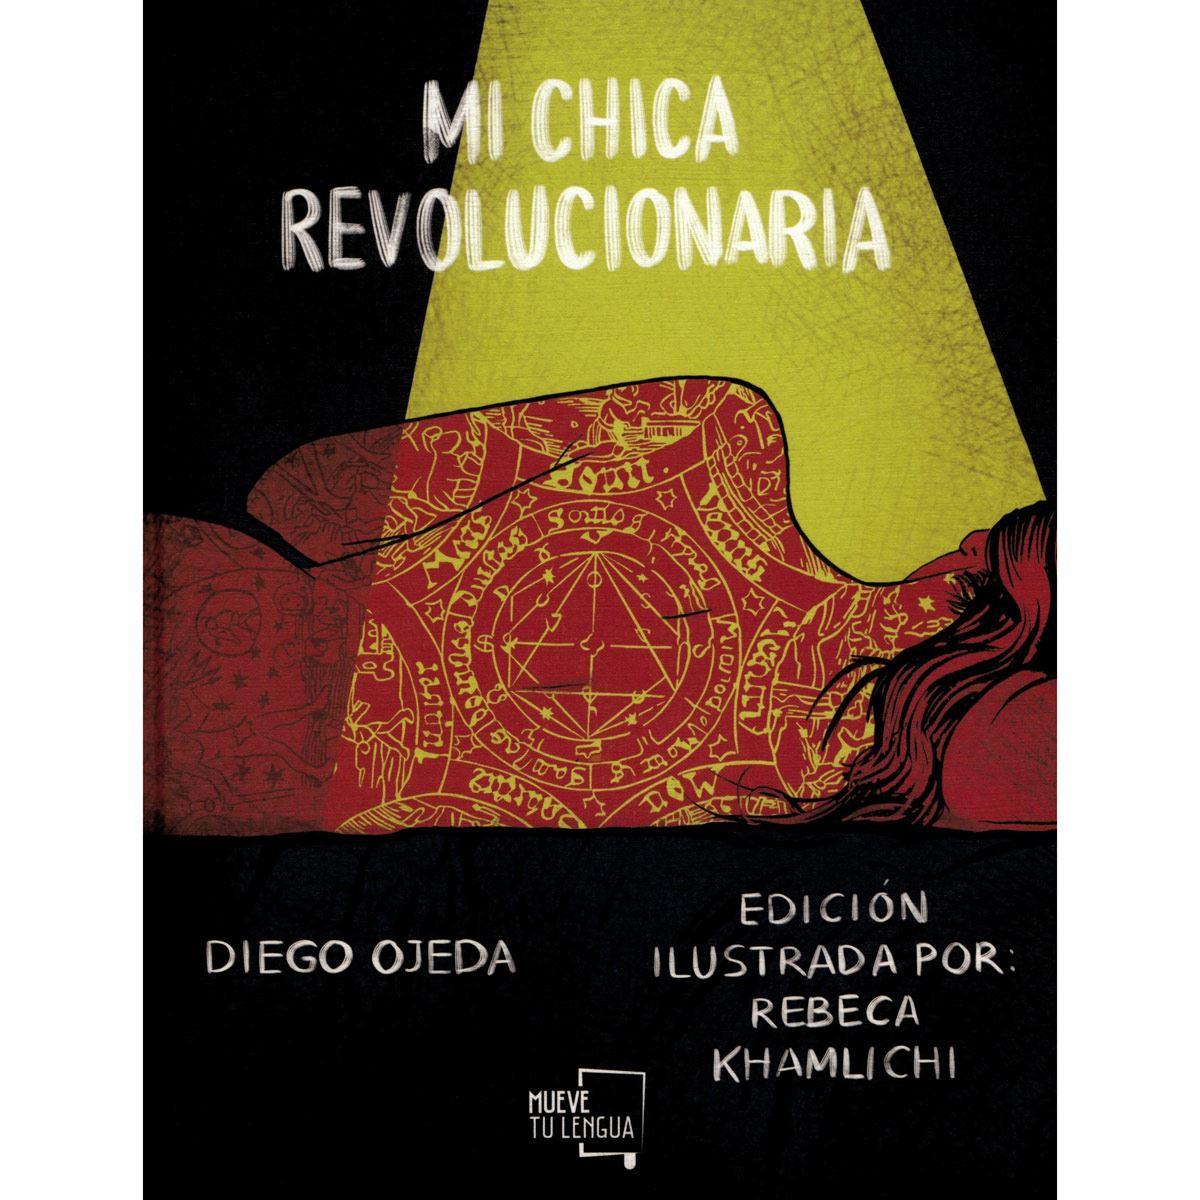 Mi chica revolucionaria. Edición ilustrada